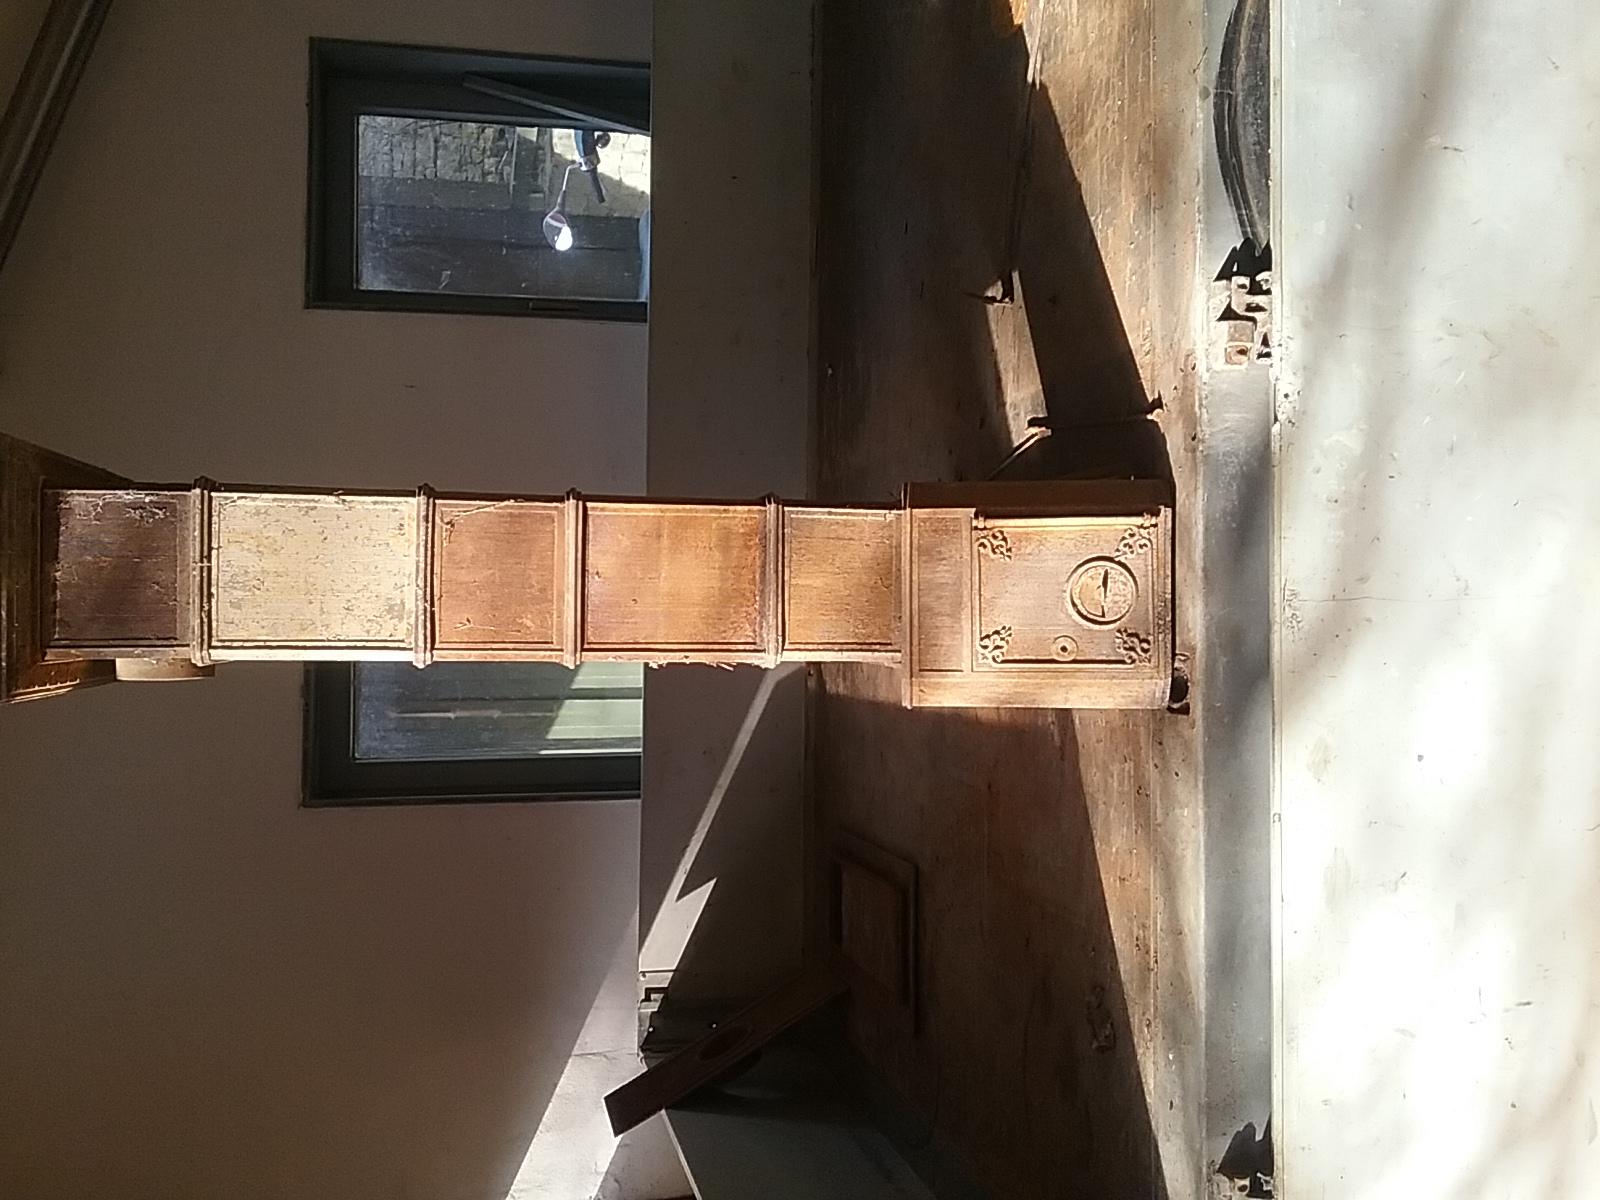 alte fen und gusseiserne fen ihre geschichte. Black Bedroom Furniture Sets. Home Design Ideas